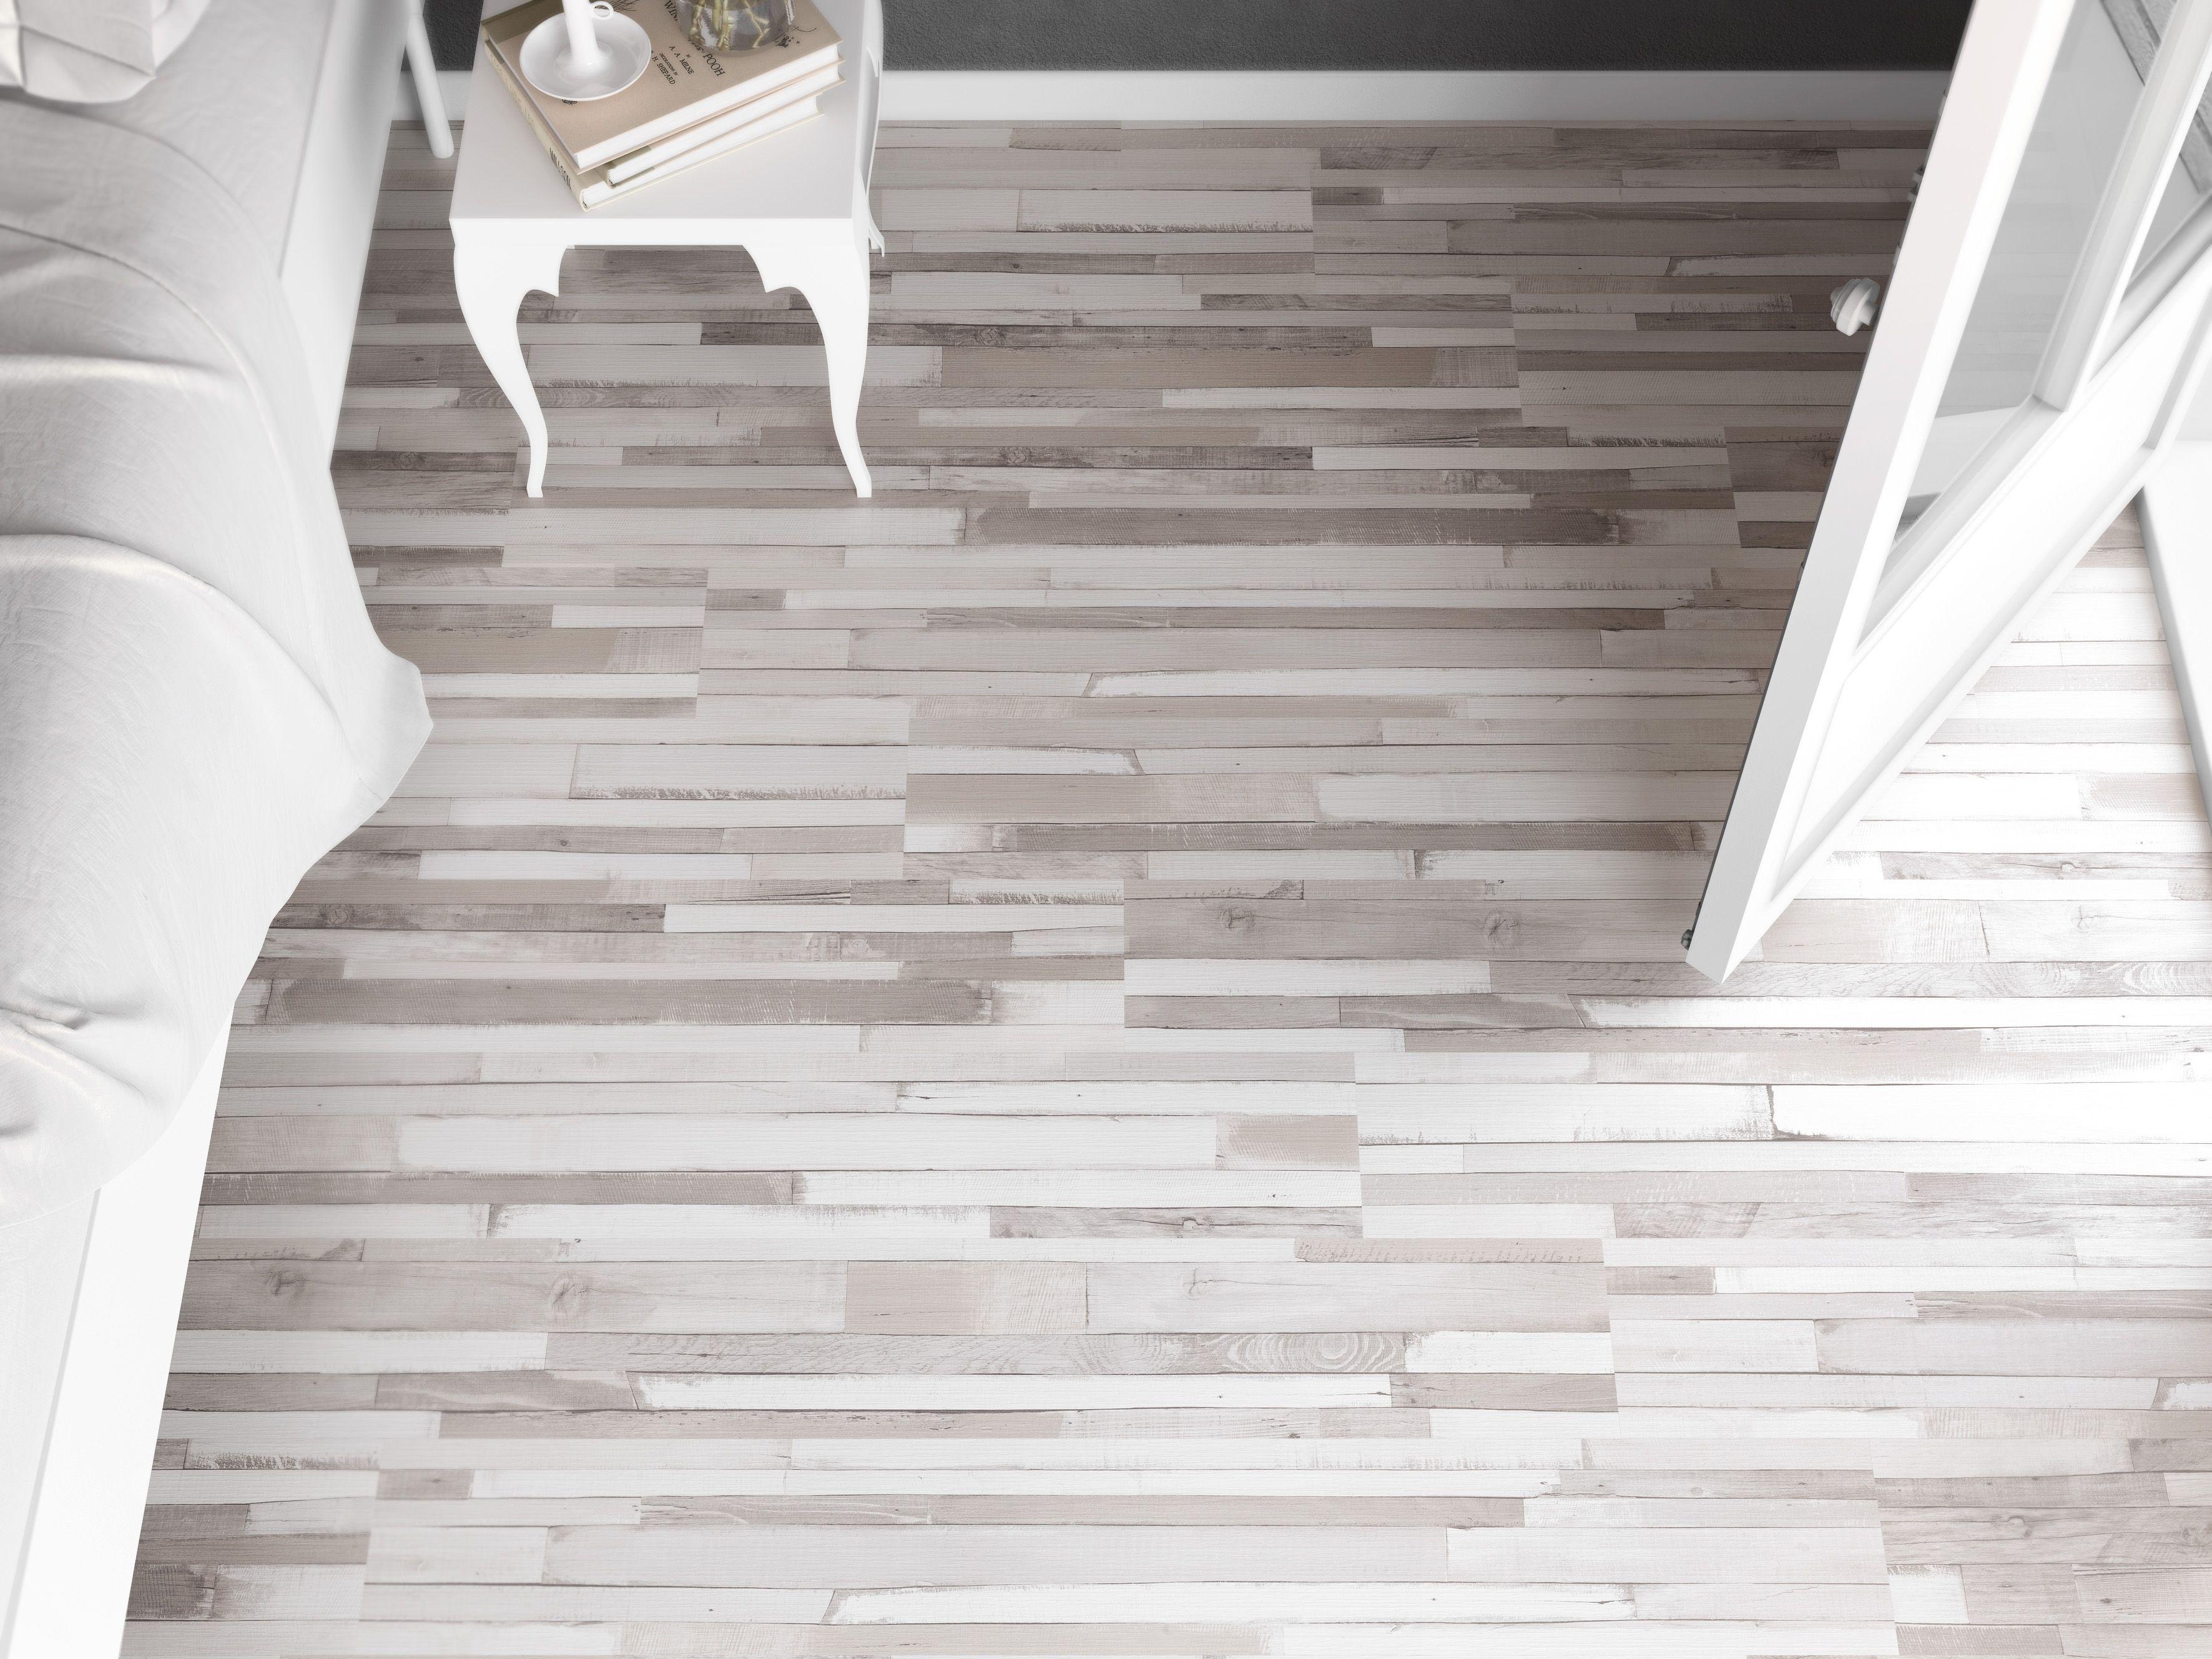 Un suelo pr ctico y funcional leroy merlin descubre - Nivelador de piso ceramico leroy merlin ...